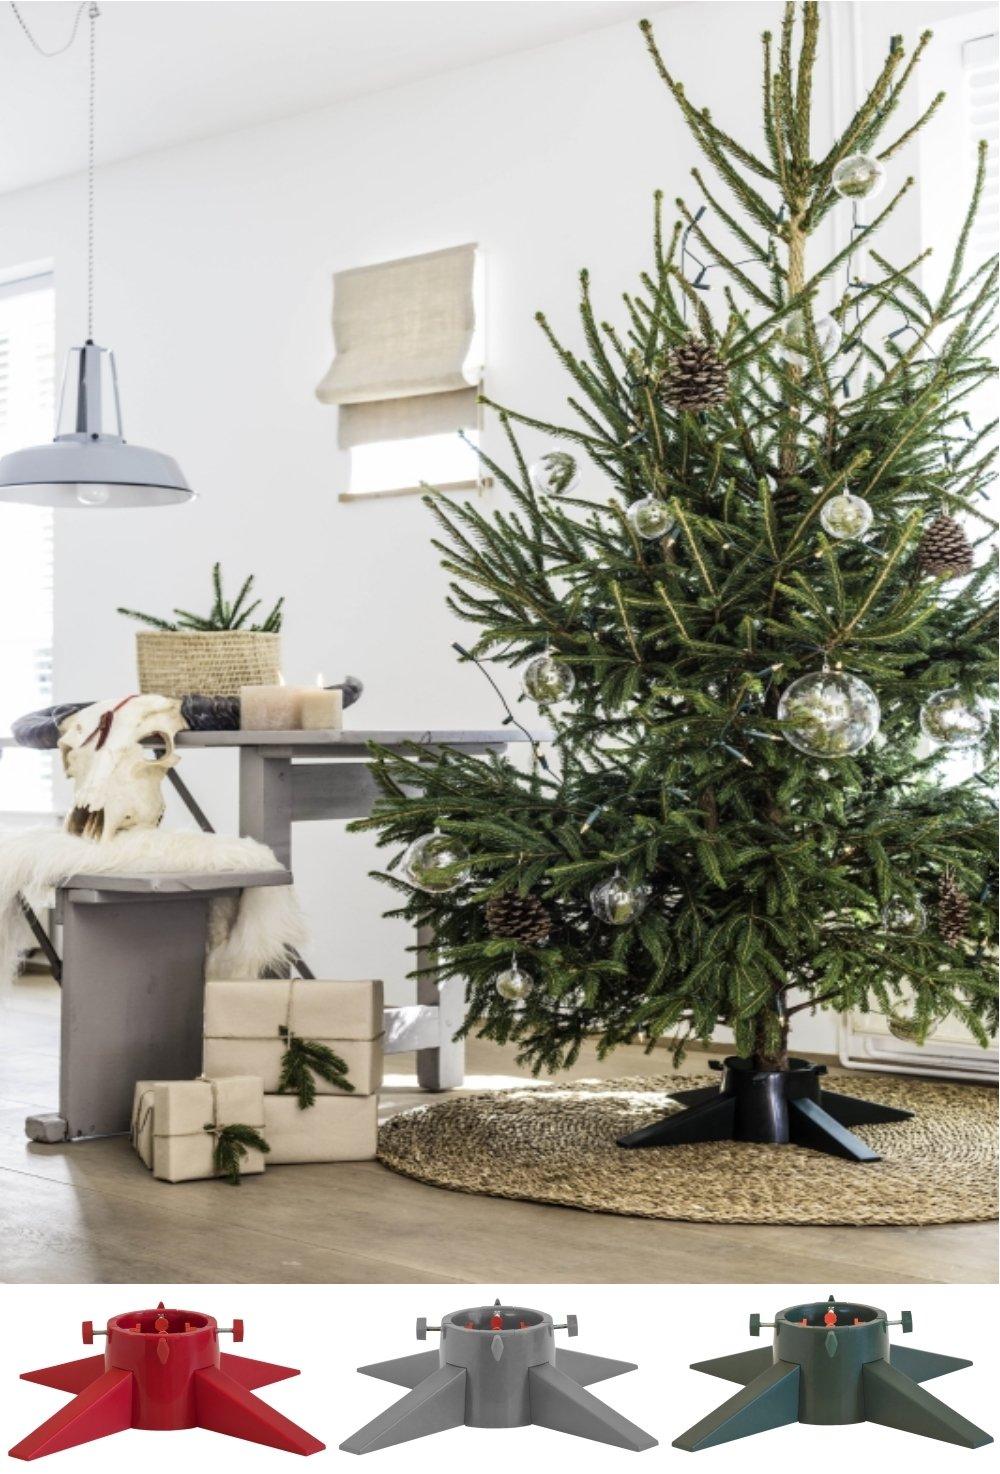 560mm plastica Base di supporto per albero di Natale con serbatoio per acqua montabile in pochi minuti Green molto robusta